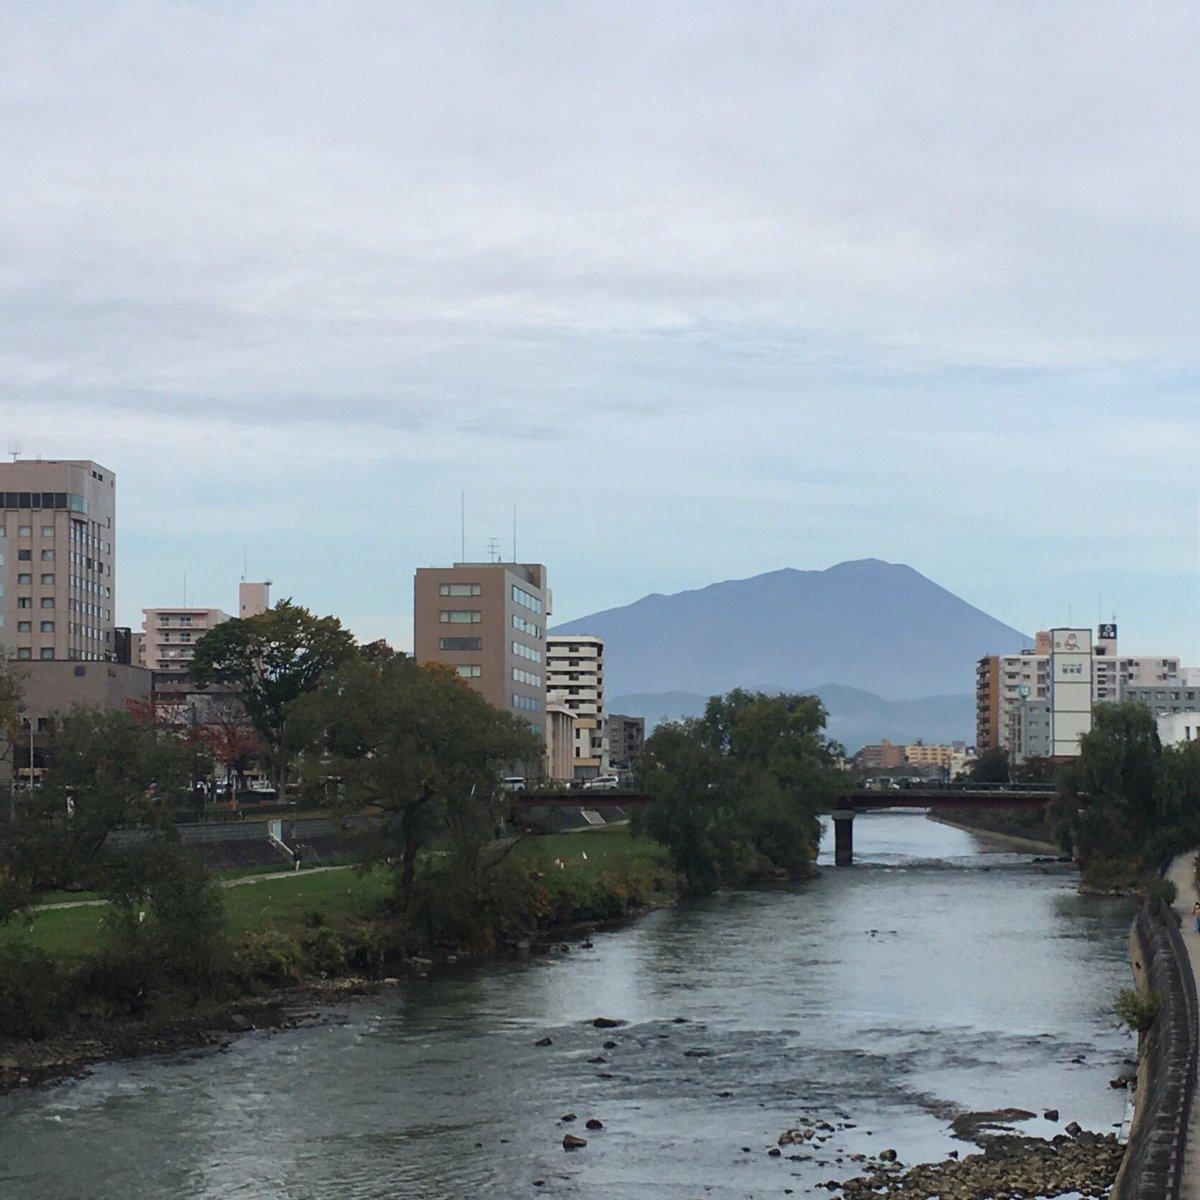 2019/10/24 盛岡市の開運橋から撮影。みなさま、安全第一でお過ごしください。 #岩手 #盛岡 #北上川 #岩手山 #岩手においでよ